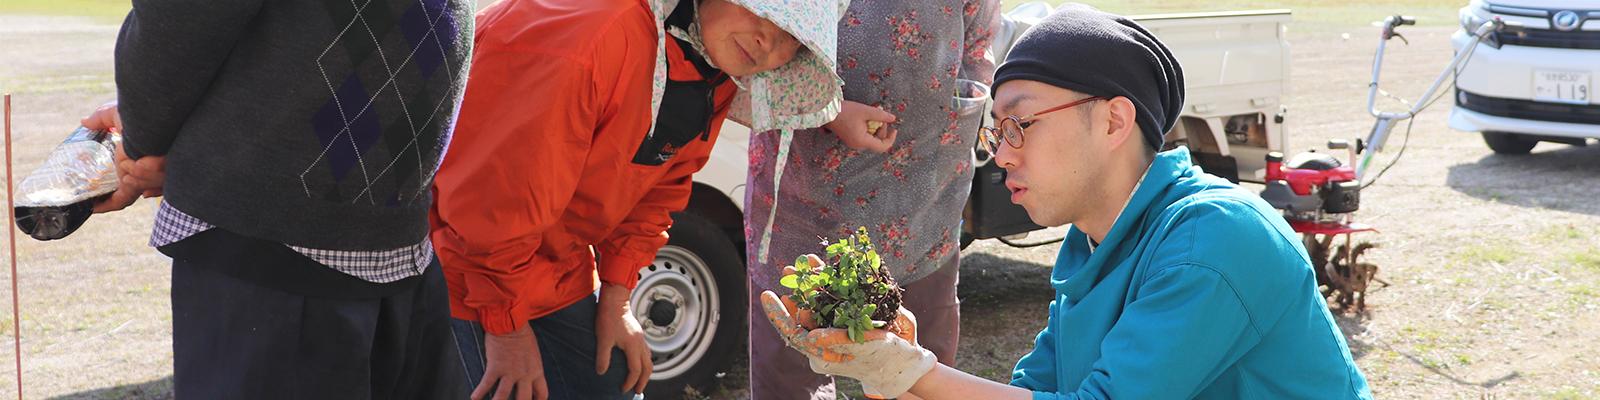 """長く健康的に農業に従事できる""""軽量野菜""""を導入。長崎俵ヶ浦半島「ハーブプロジェクト」は、高齢化する生産者の救世主となるか"""